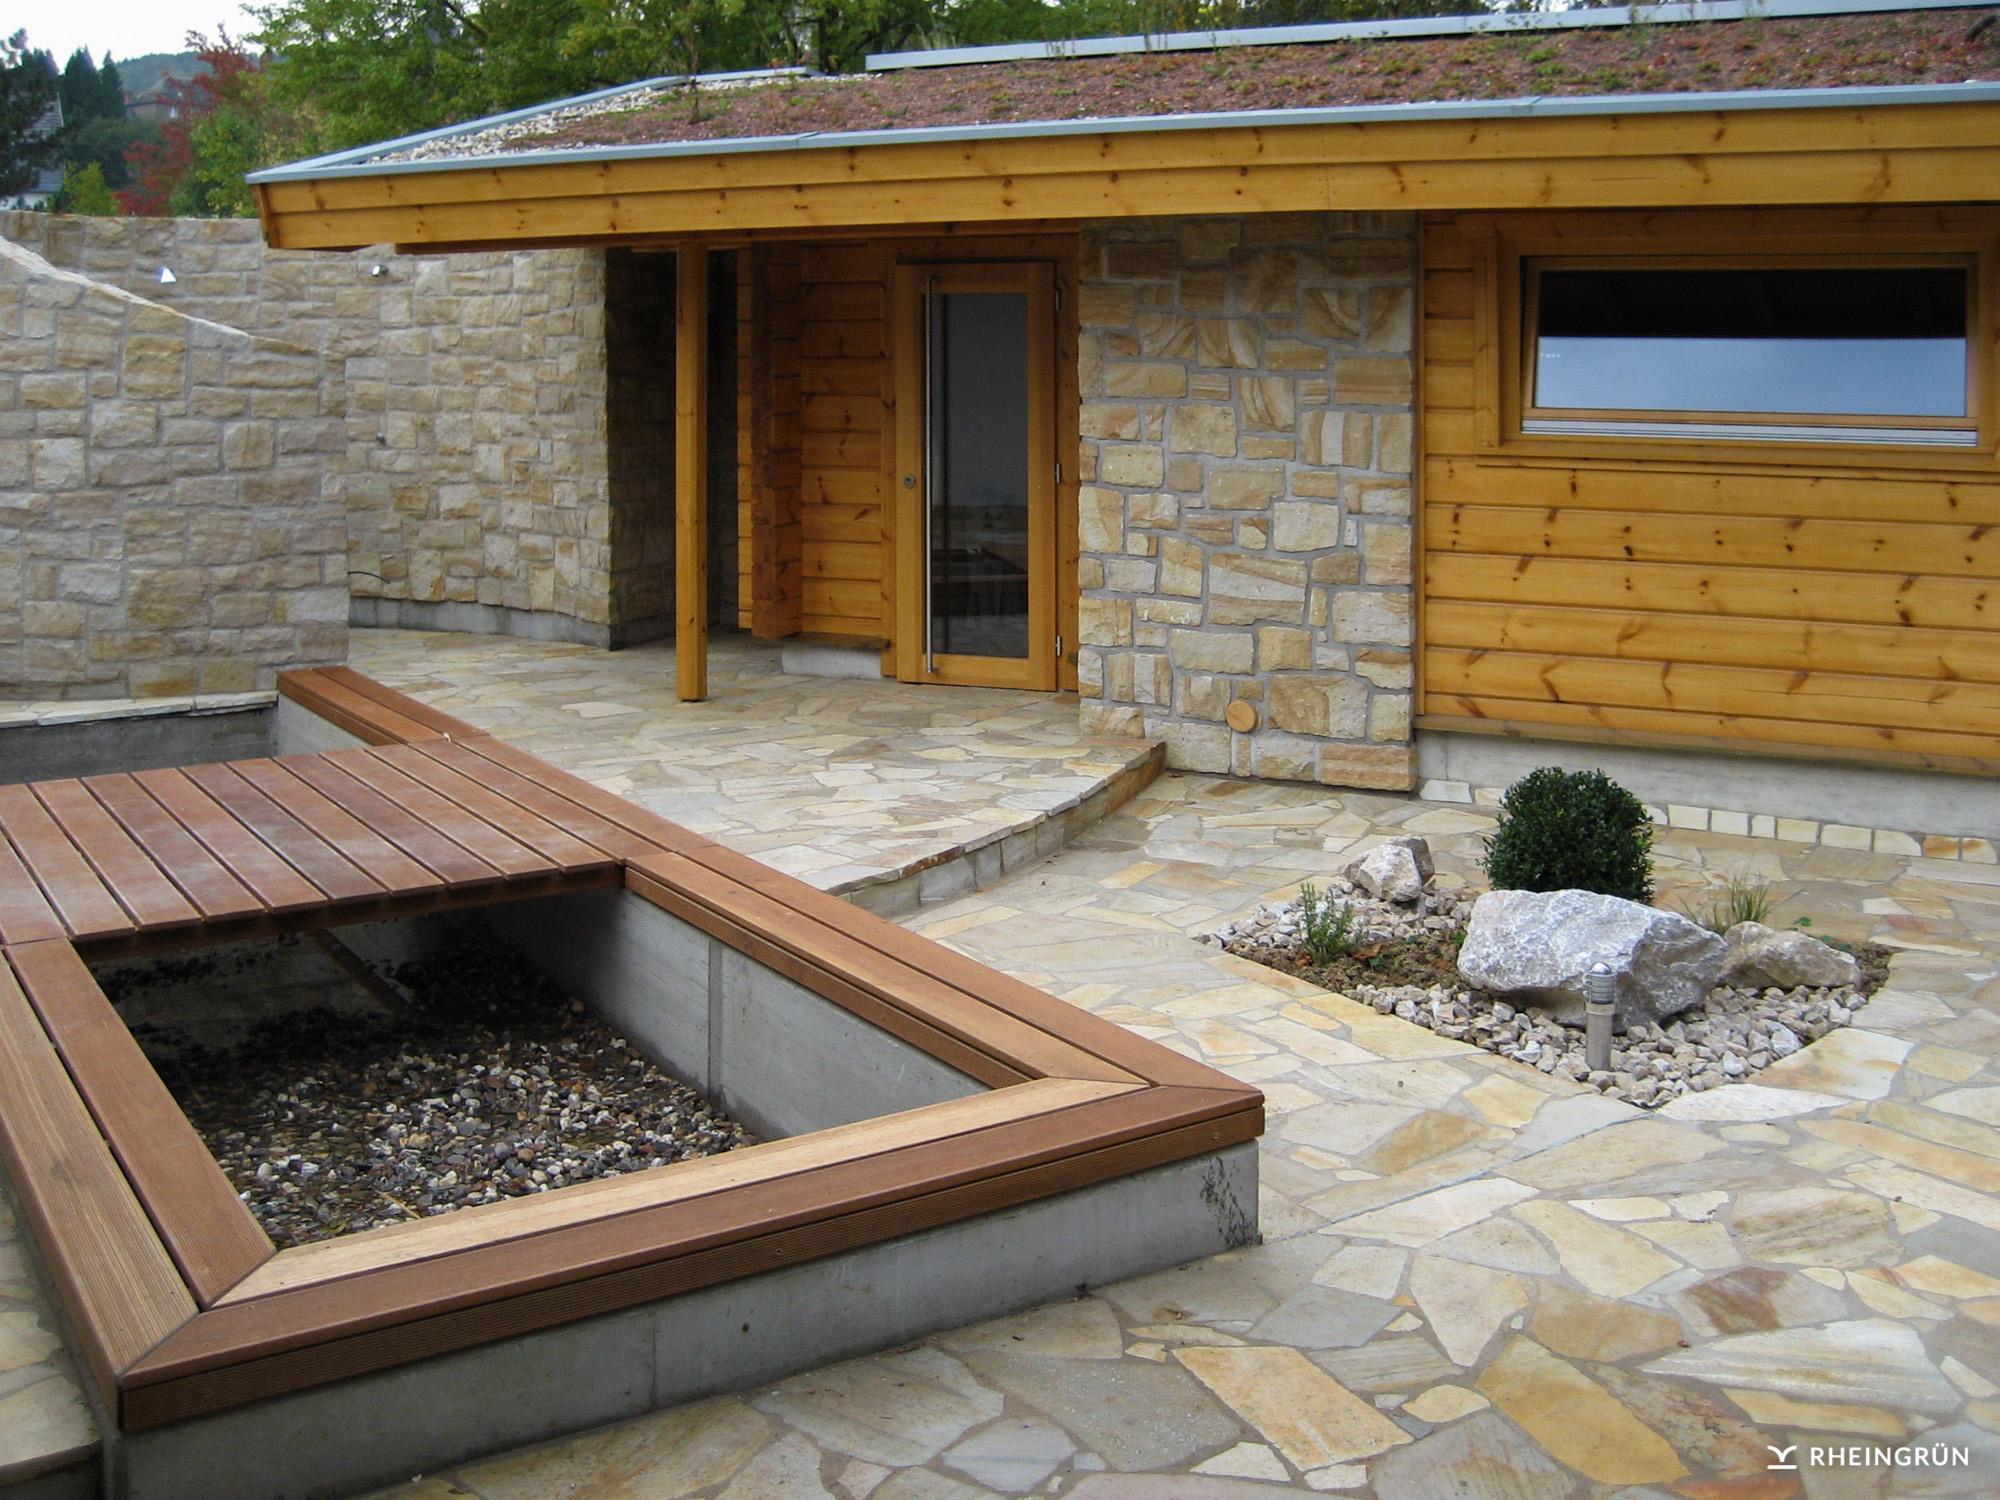 Schöne Sauna-Außenanlage mit Natursteinelementen und ausgewählter Bepflanzung